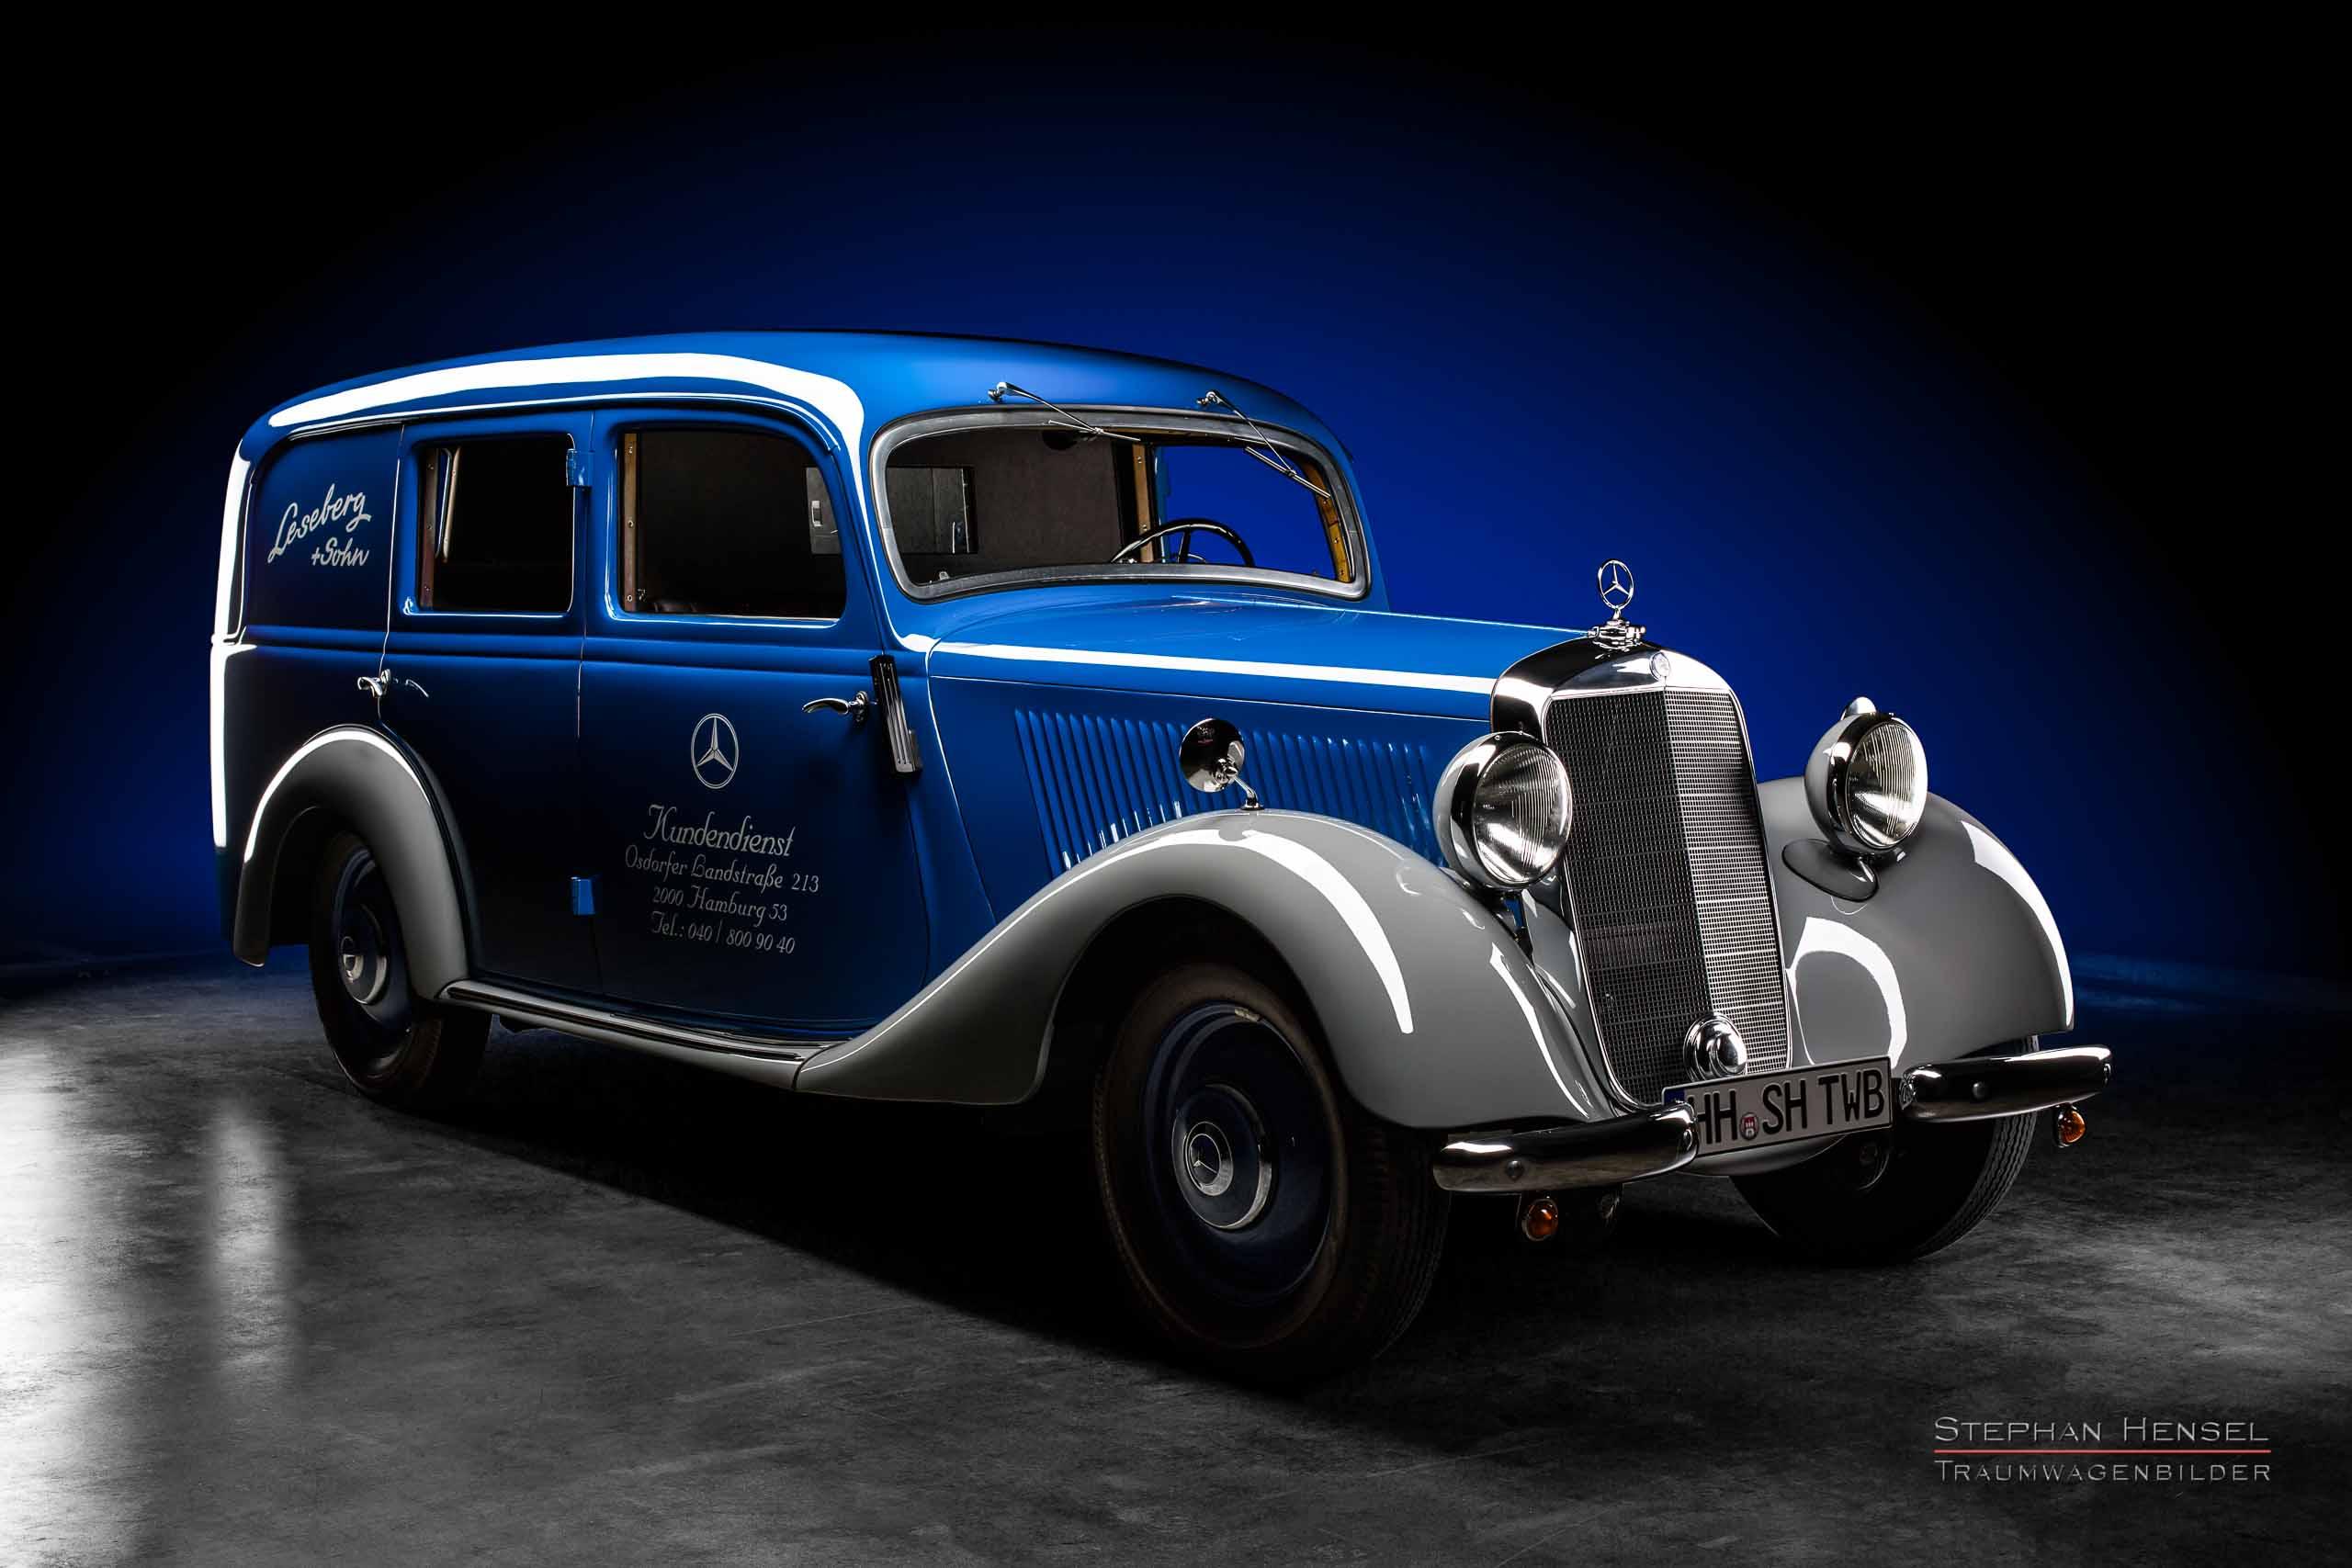 Mercedes-Benz 170 V, Ansicht von rechts vorn, Autofotografie: Stephan Hensel, Hamburg, Oldtimerfotograf, Autofotograf, Automobilfotograf, Oldtimerfotografie